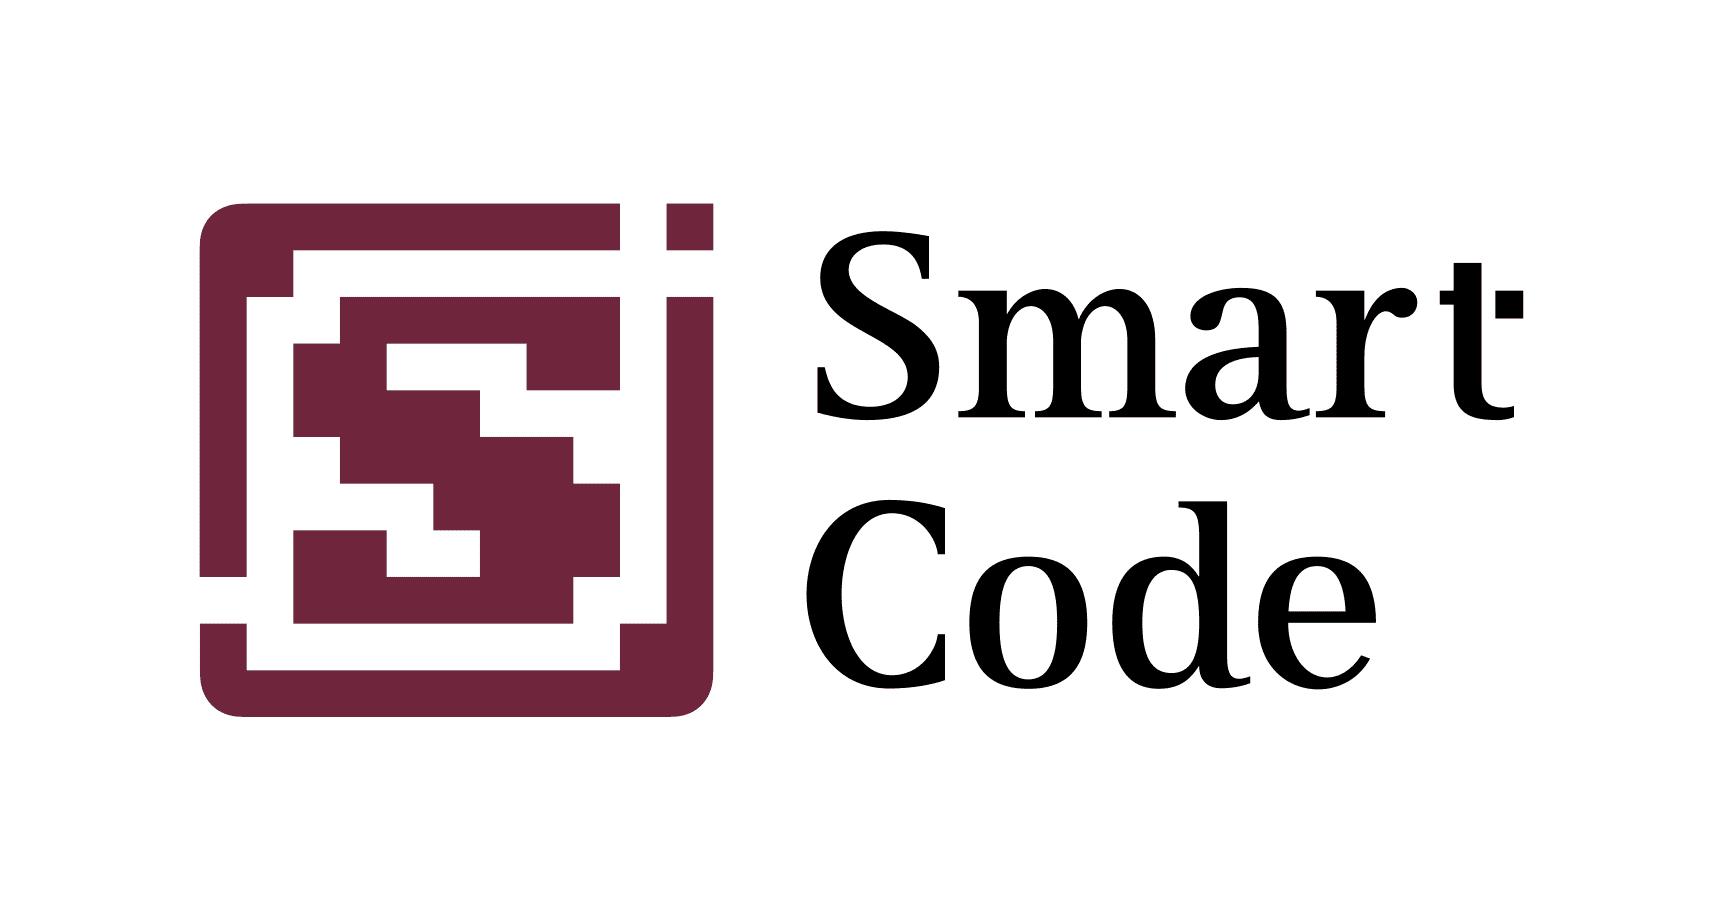 Smart Codeとは?   JCBのQR・バーコード決済スキームSmart Code(スマートコード)